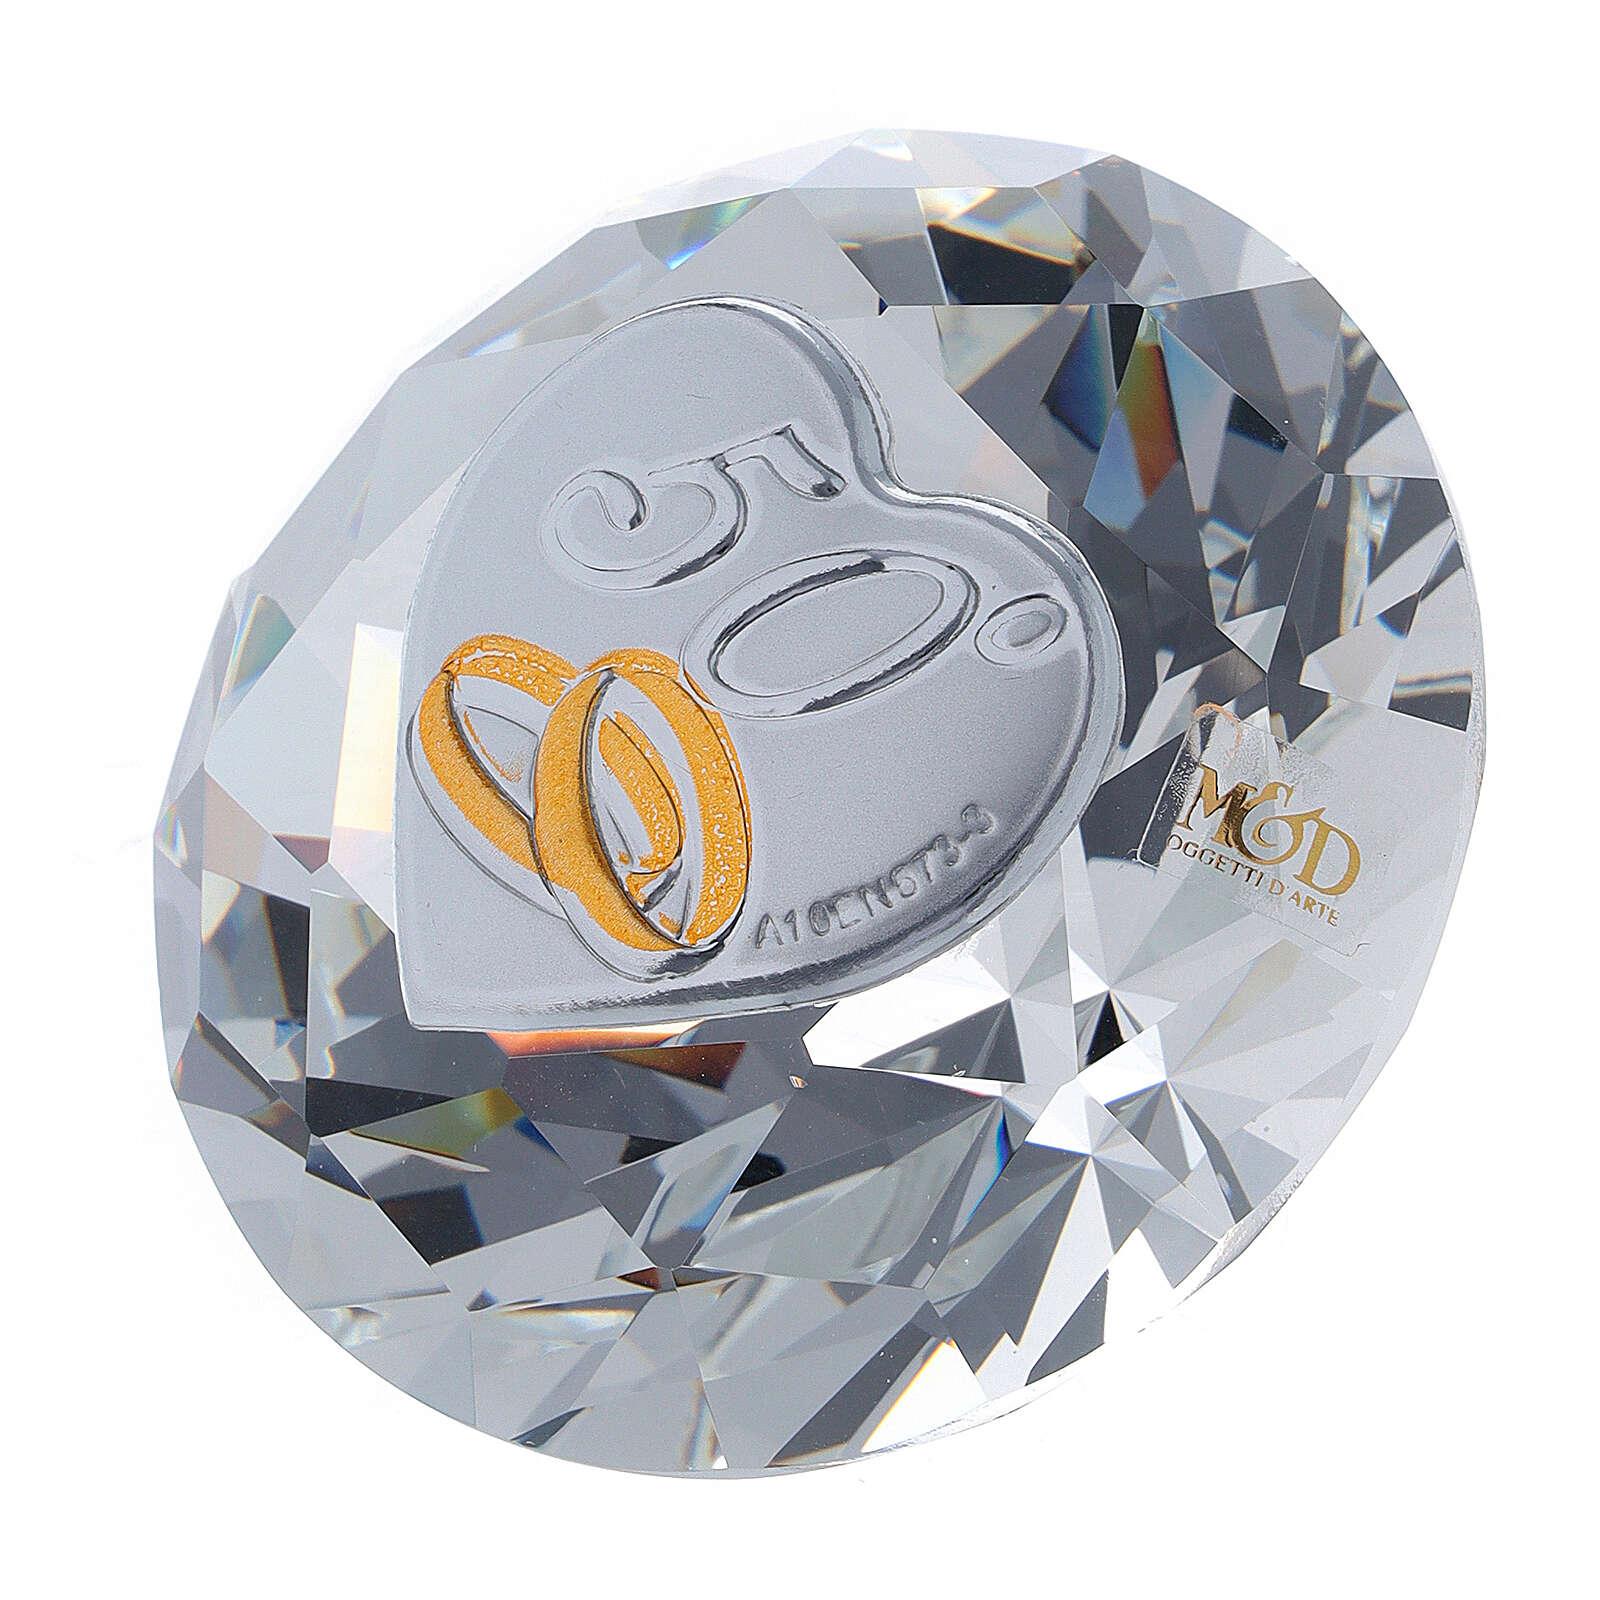 Diamond wedding party favour 3